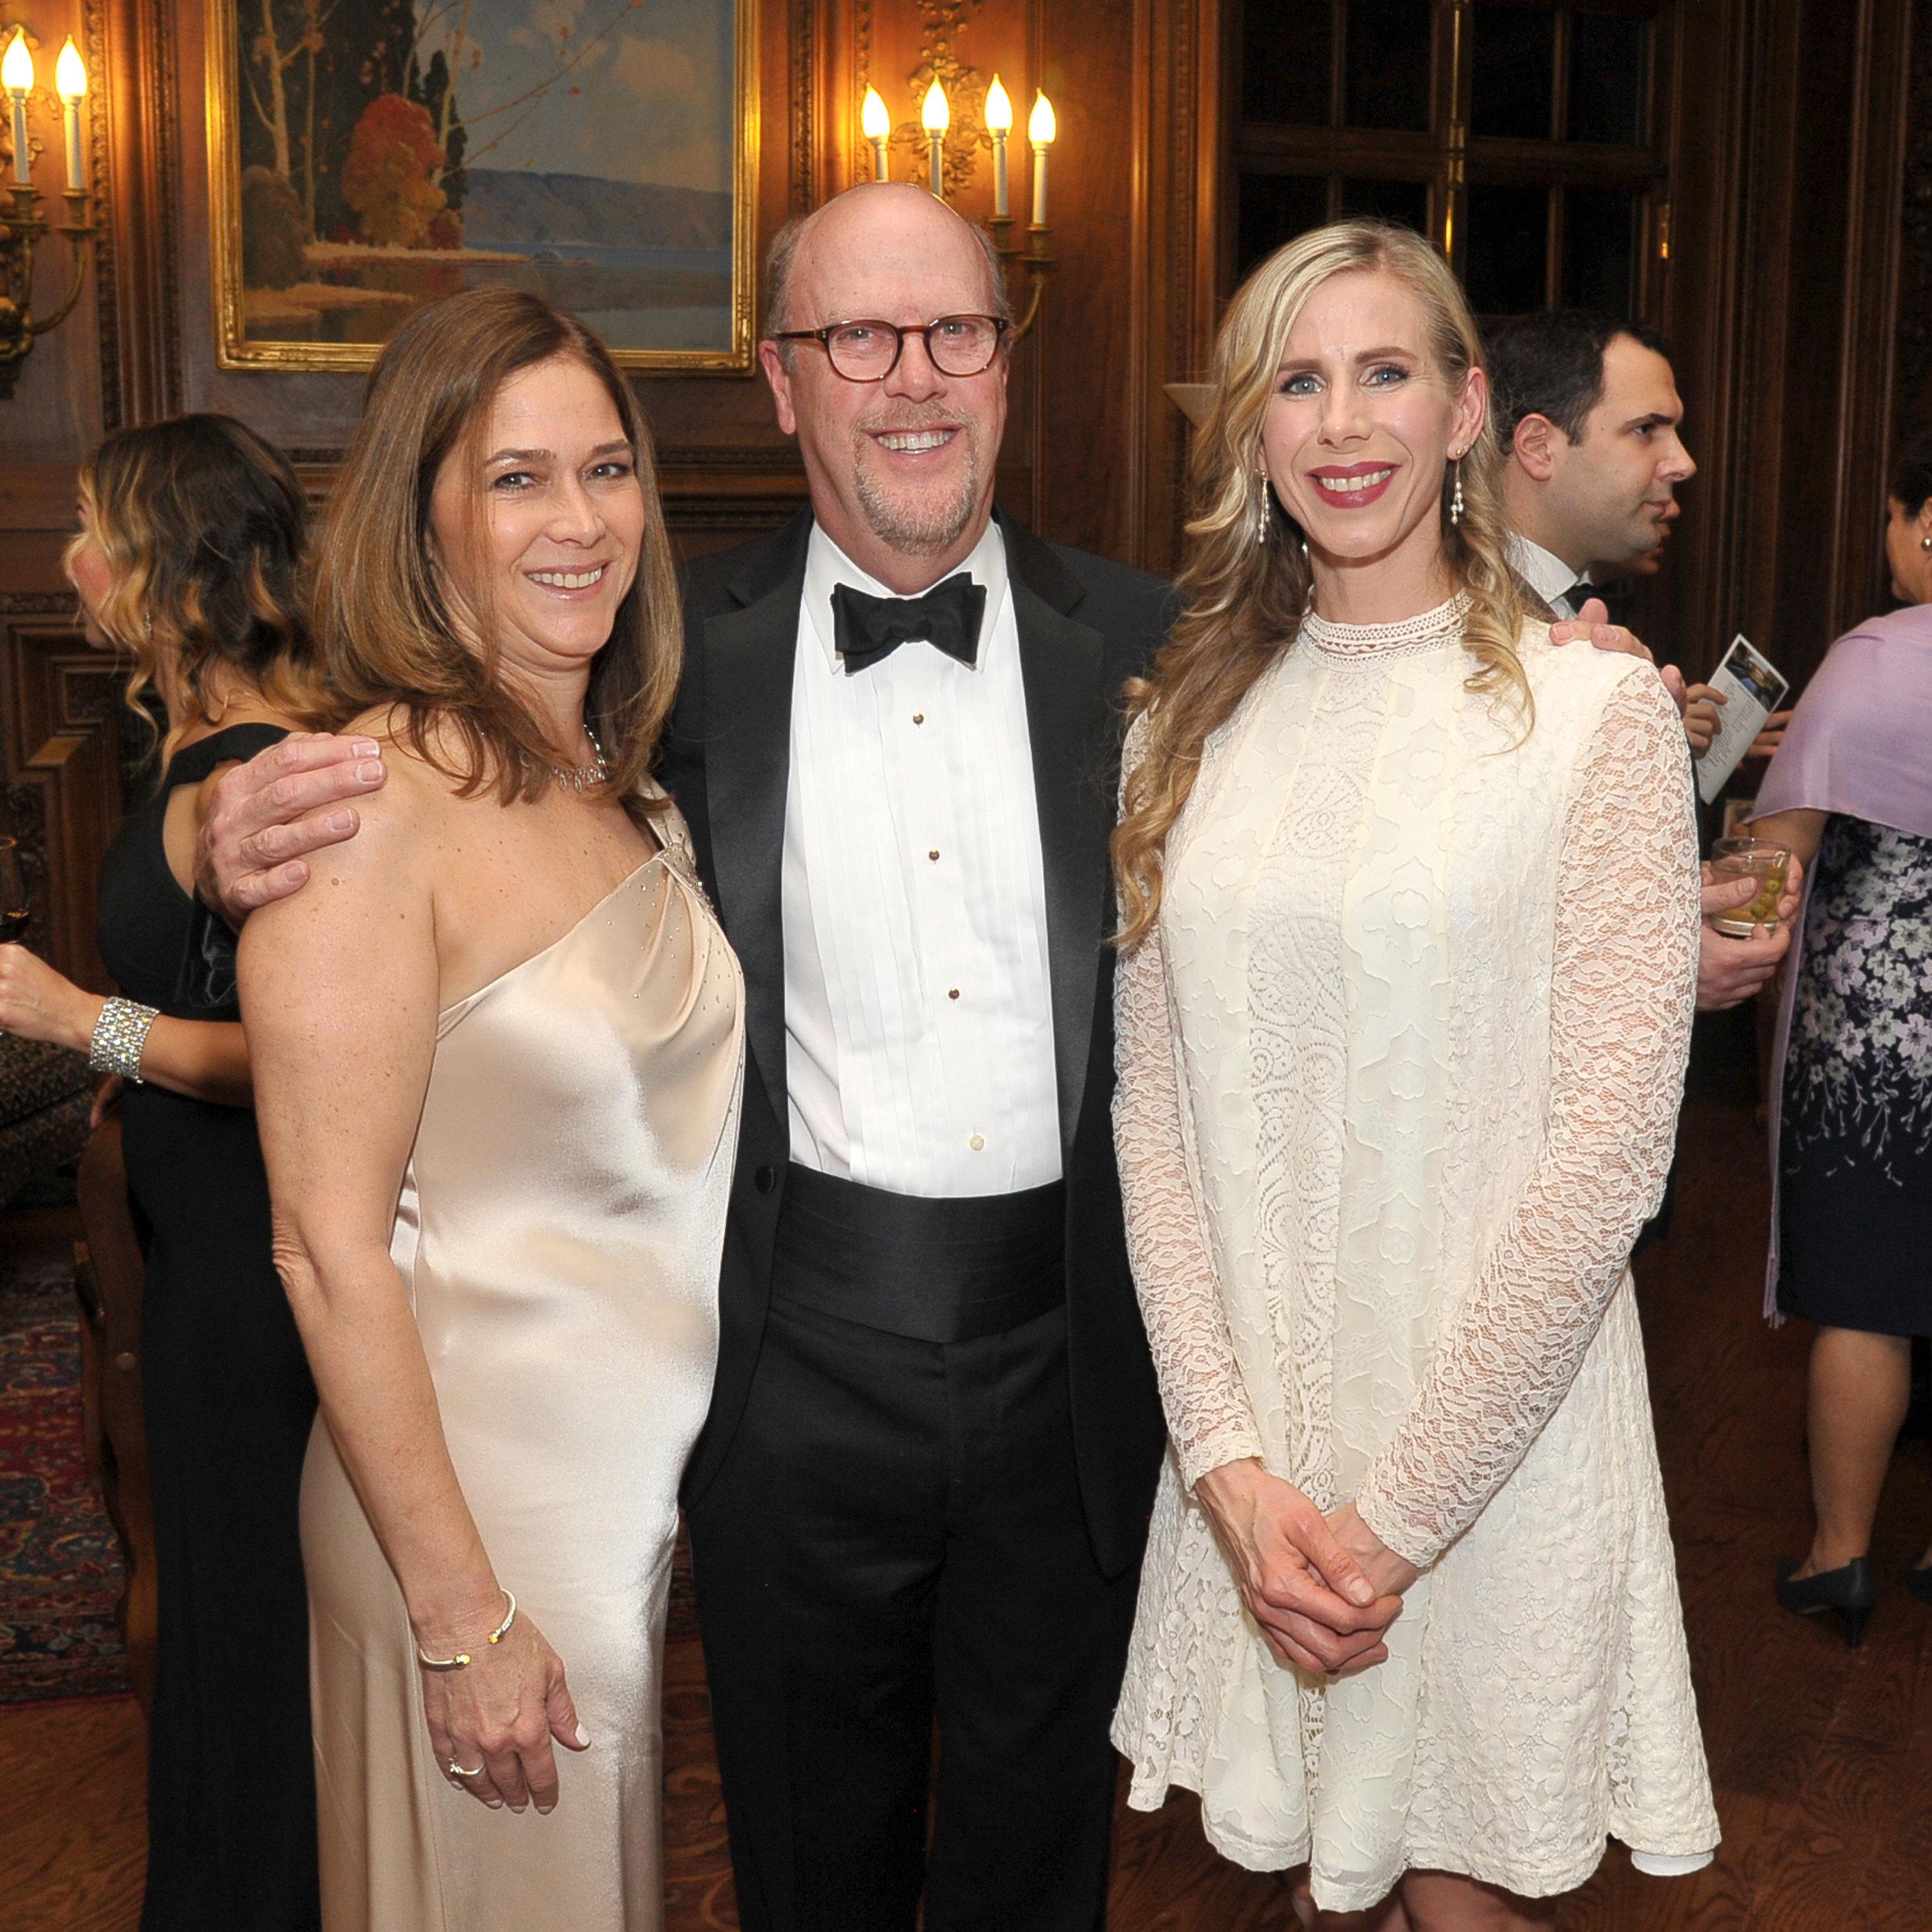 Ann Franzese, Stewart Kerr and Nicole Putman